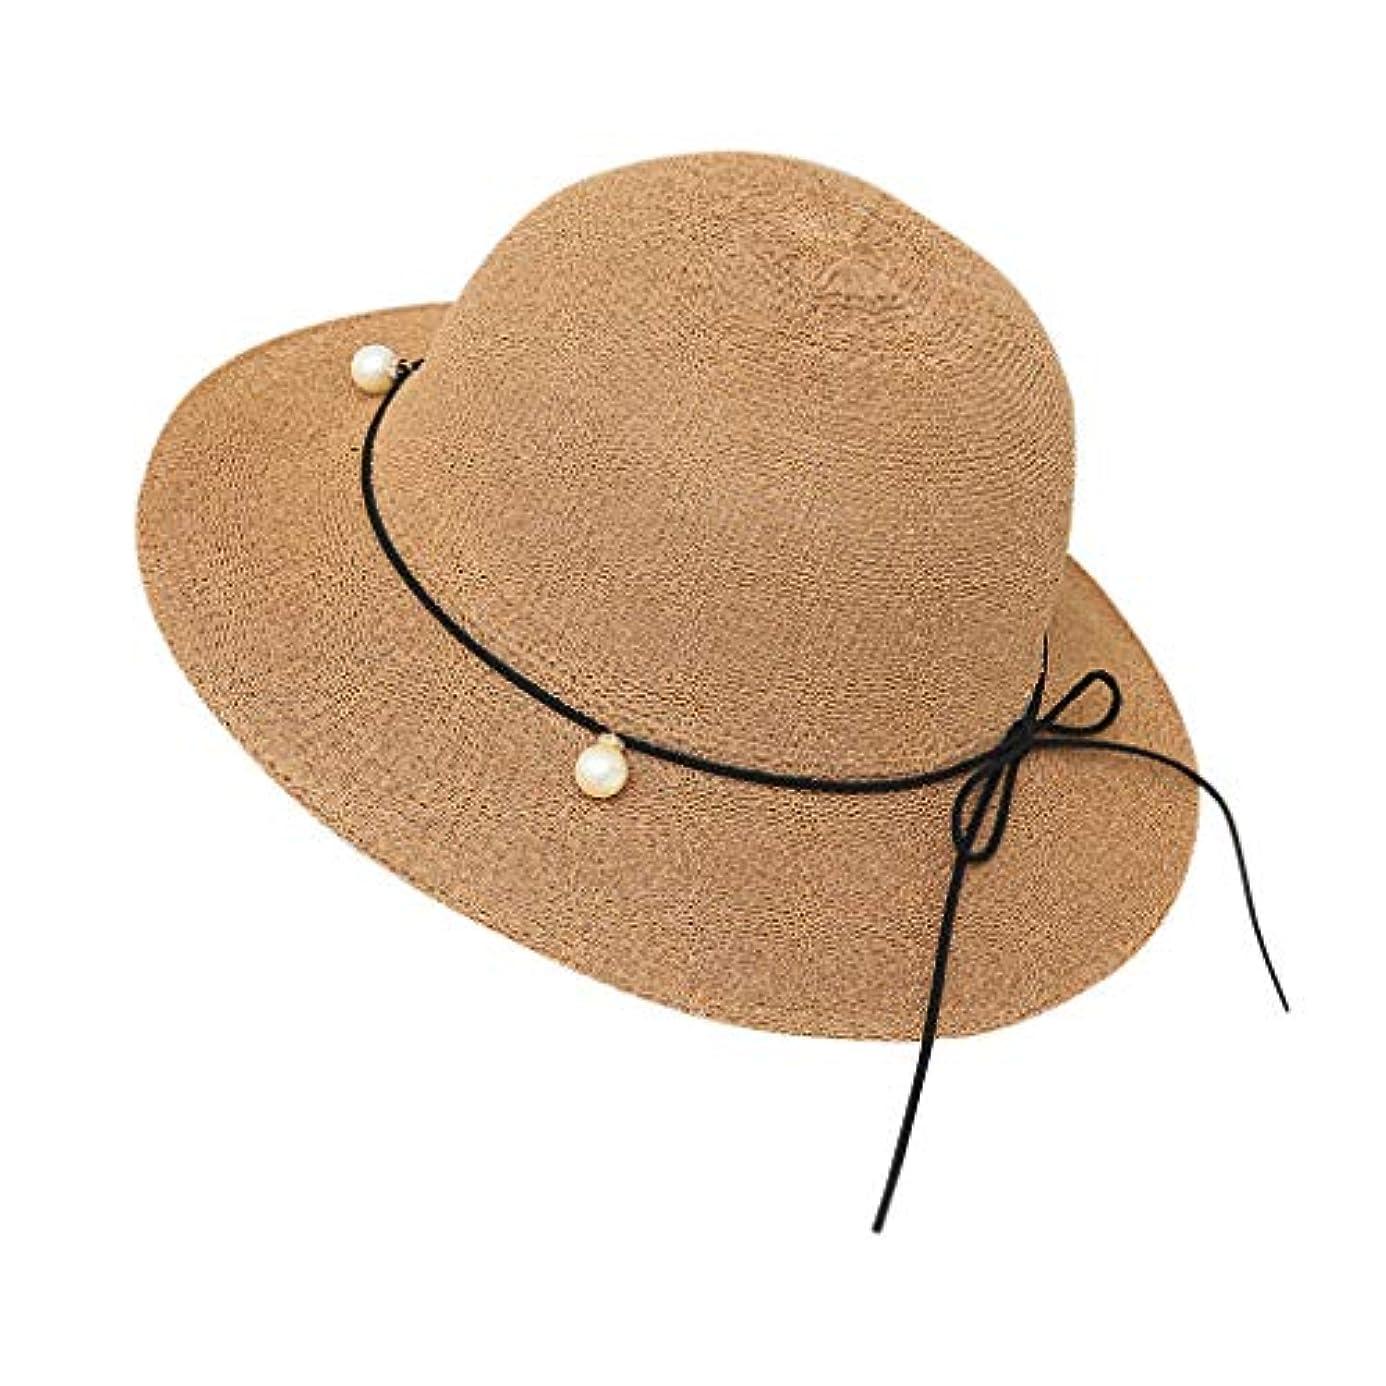 アクティビティ練習数字帽子 レディース 夏 女性 UVカット 帽子 ハット 漁師帽 つば広 吸汗通気 紫外線対策 大きいサイズ 日焼け防止 サイズ調節 ベレー帽 帽子 レディース ビーチ 海辺 森ガール 女優帽 日よけ ROSE ROMAN